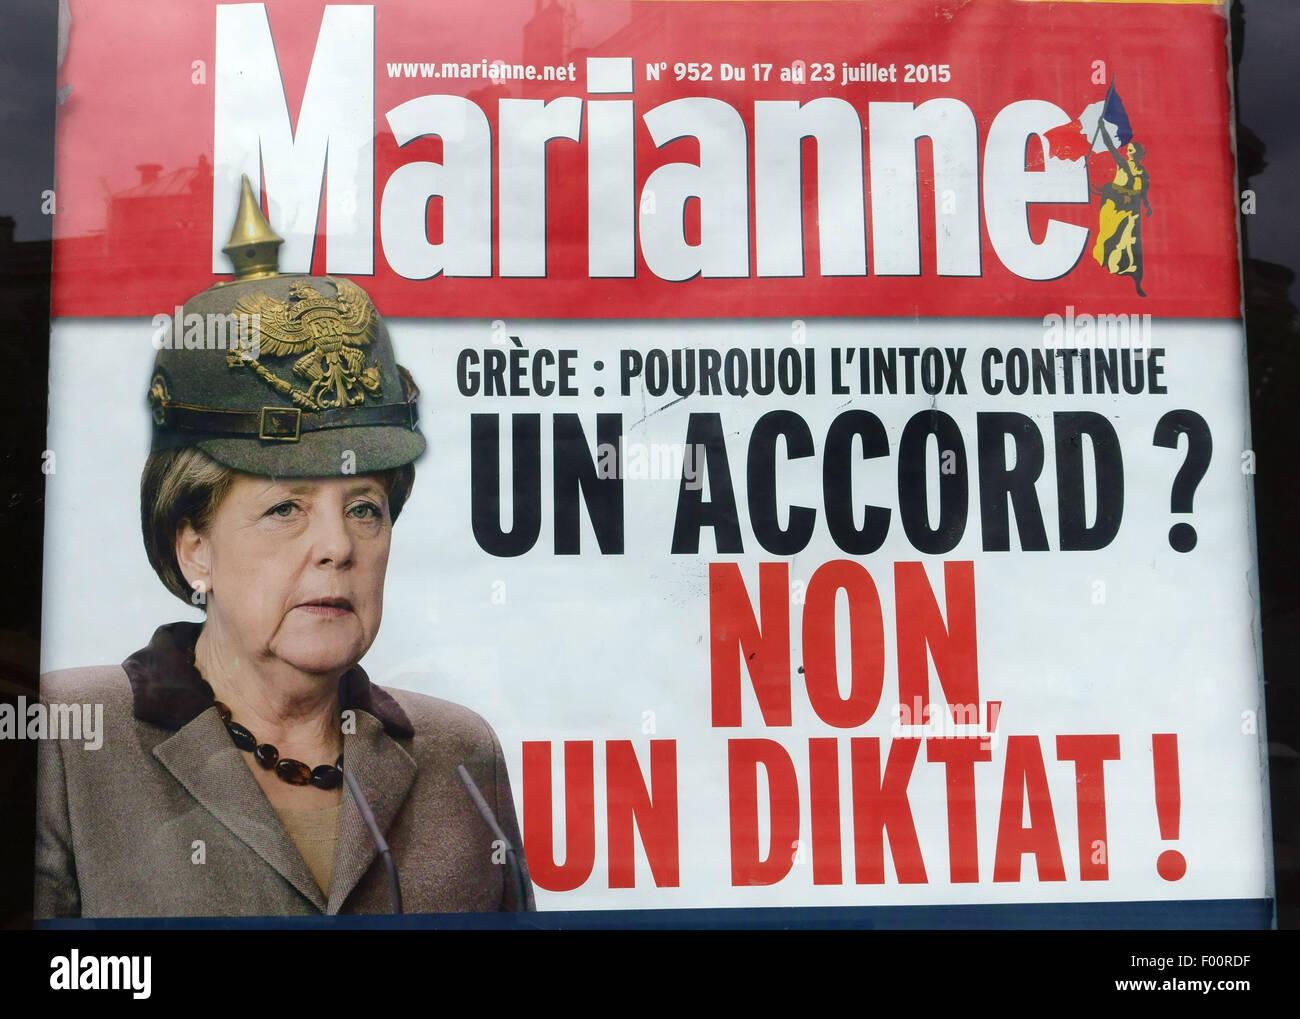 French magazine 'Marianne' satirises Chancellor Angela Merkel of Germany, France - Stock Image